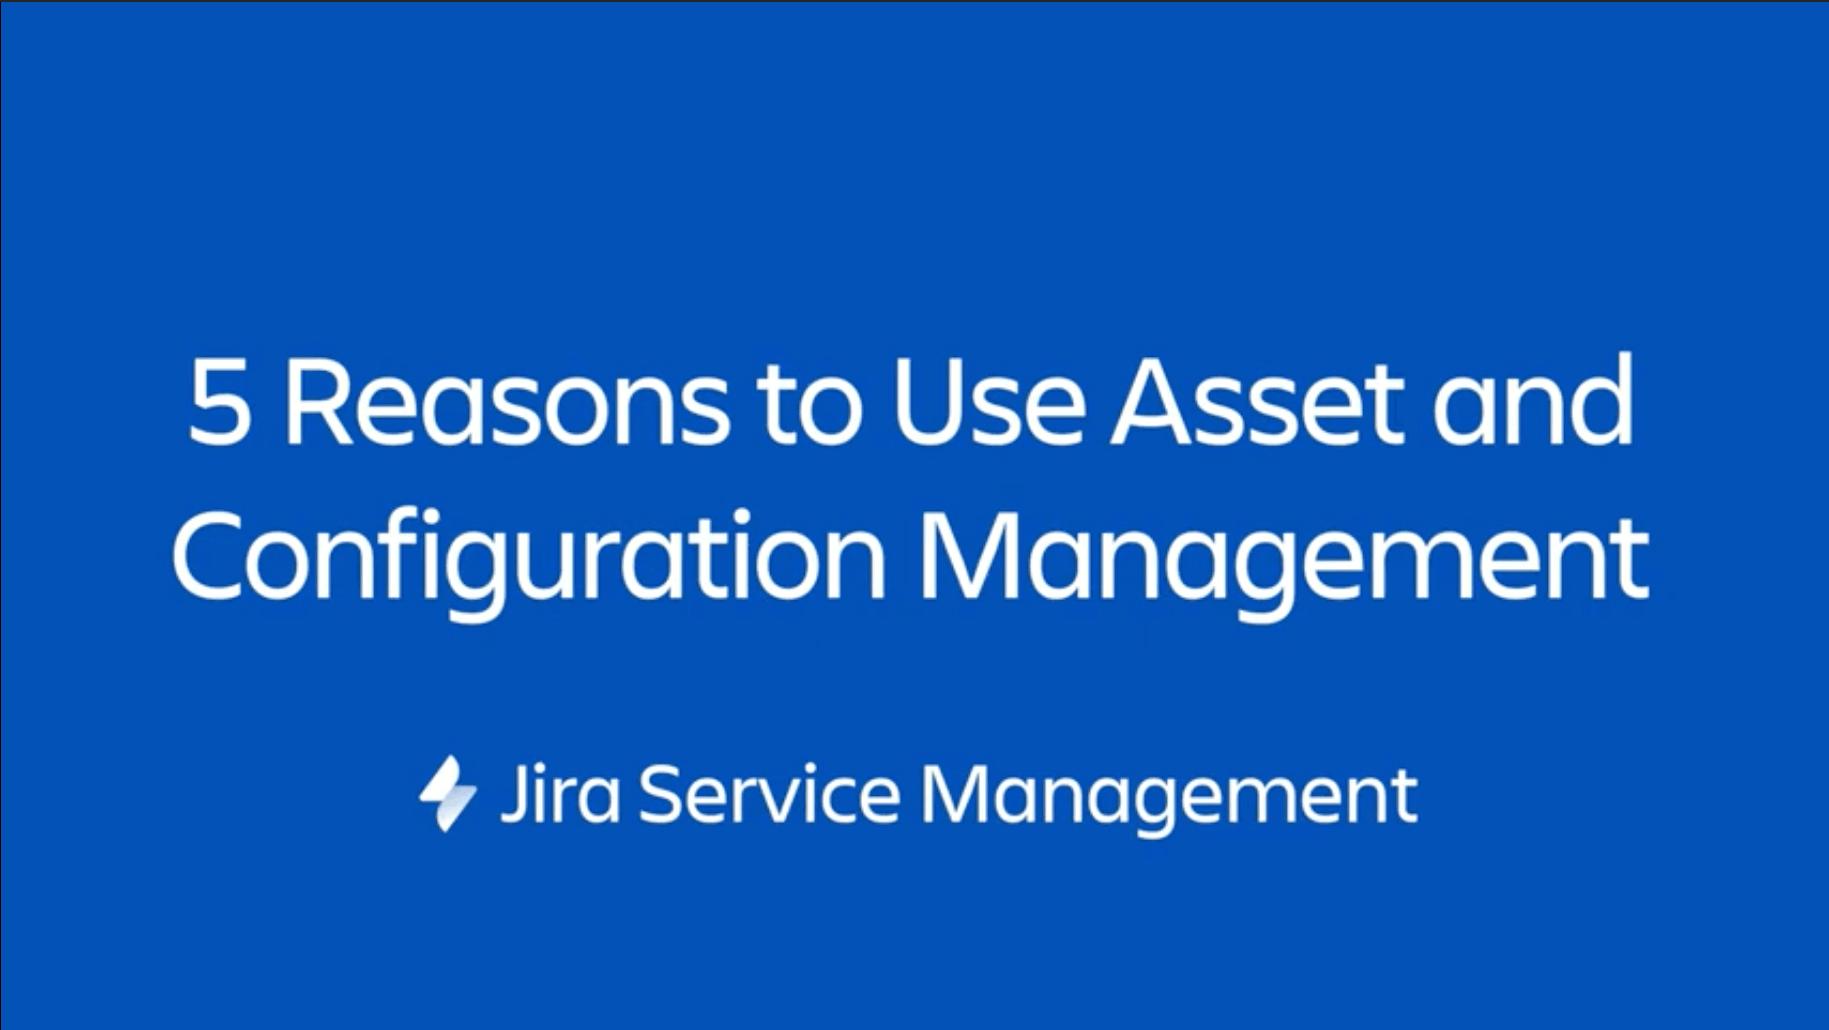 Przejście z Jira Software na wyższy poziom dzięki Jira Service Management